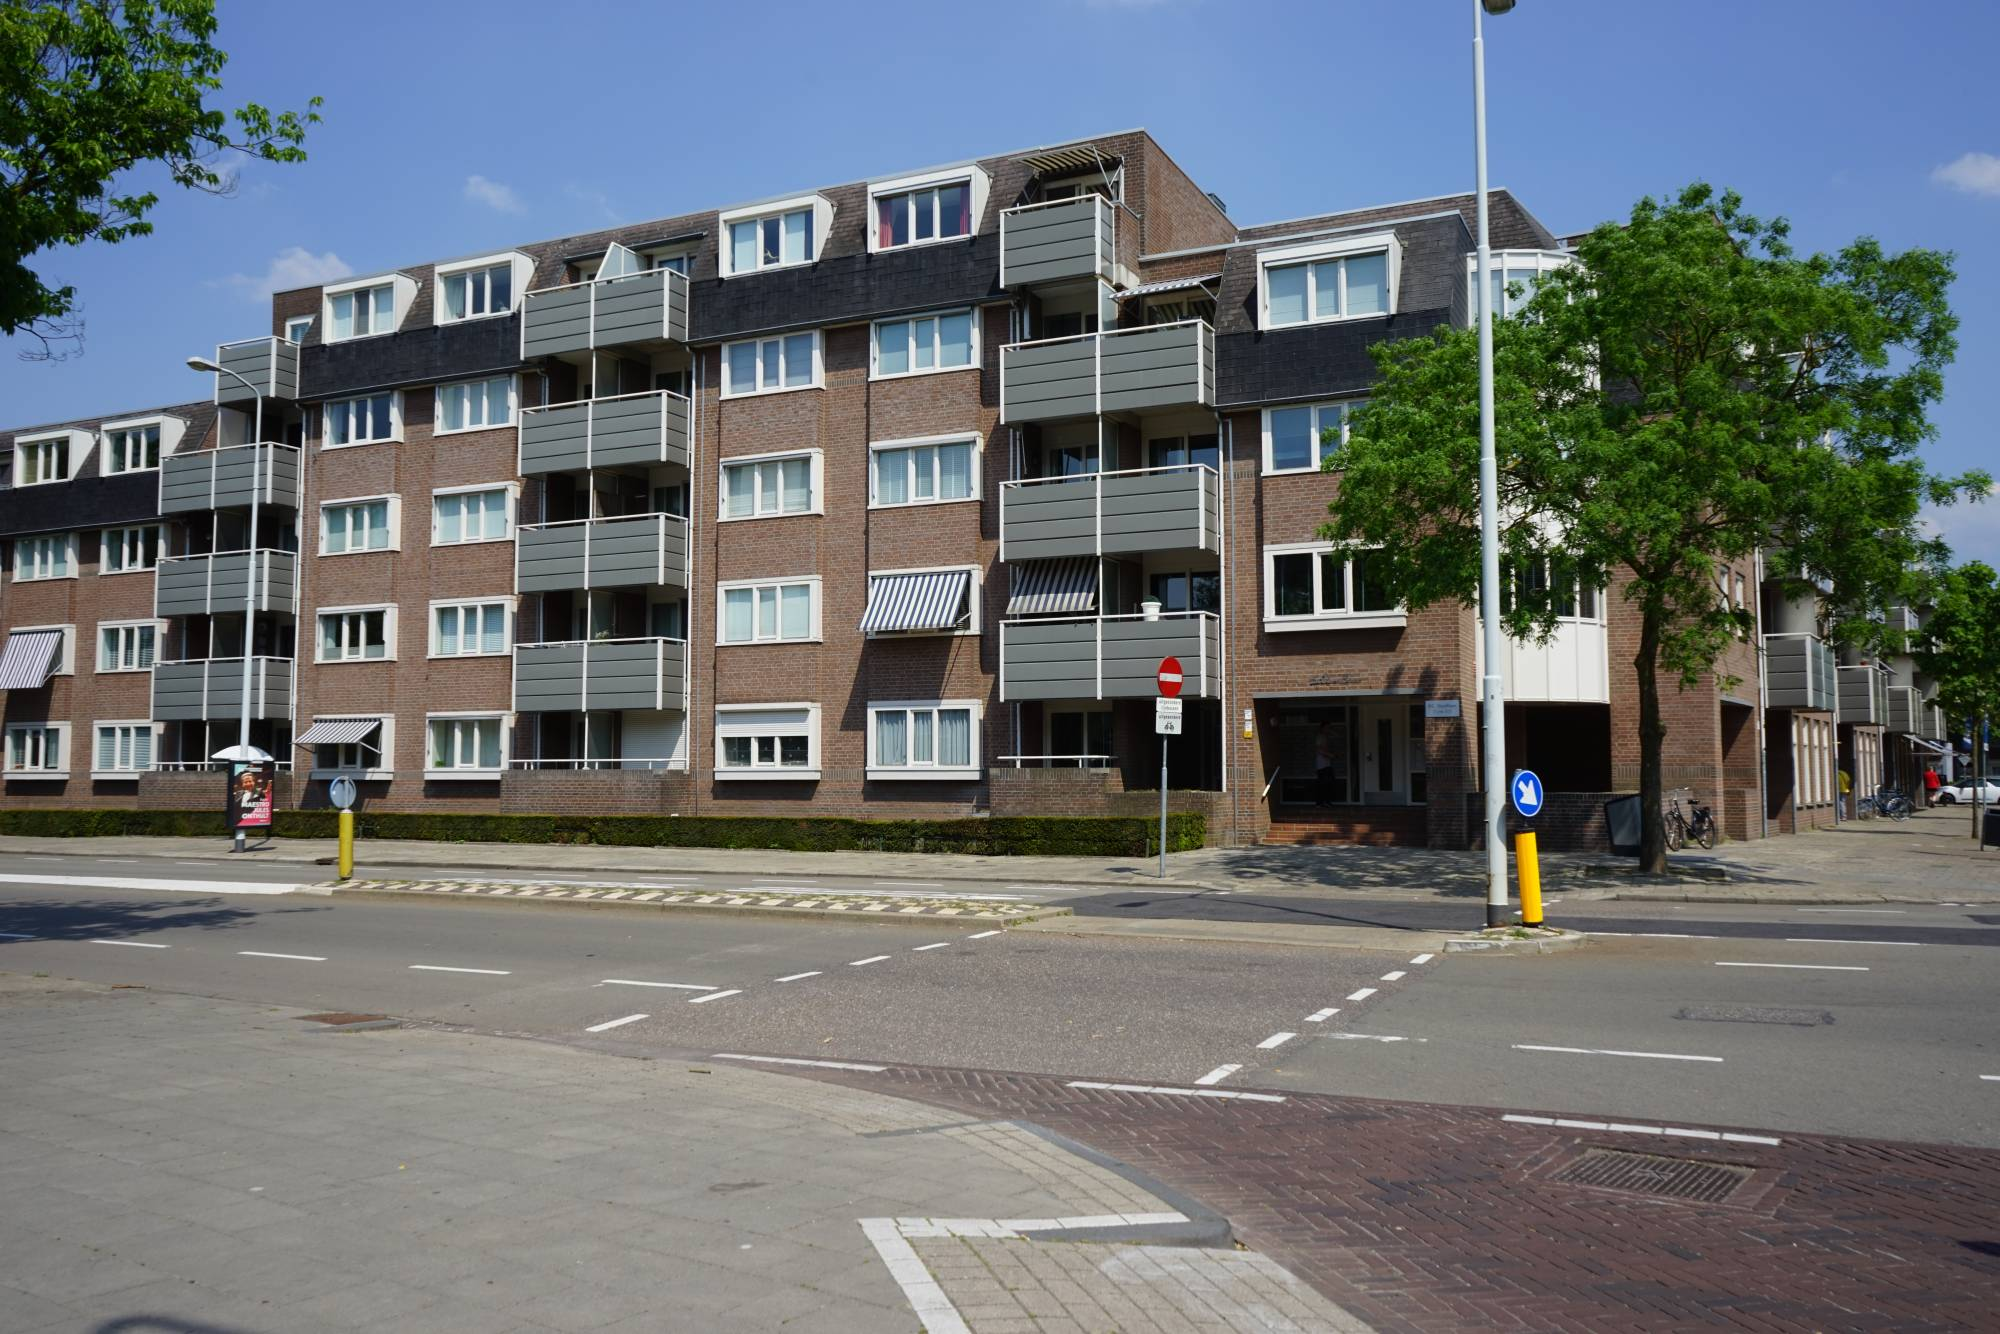 P Czn Hooftlaan, Eindhoven